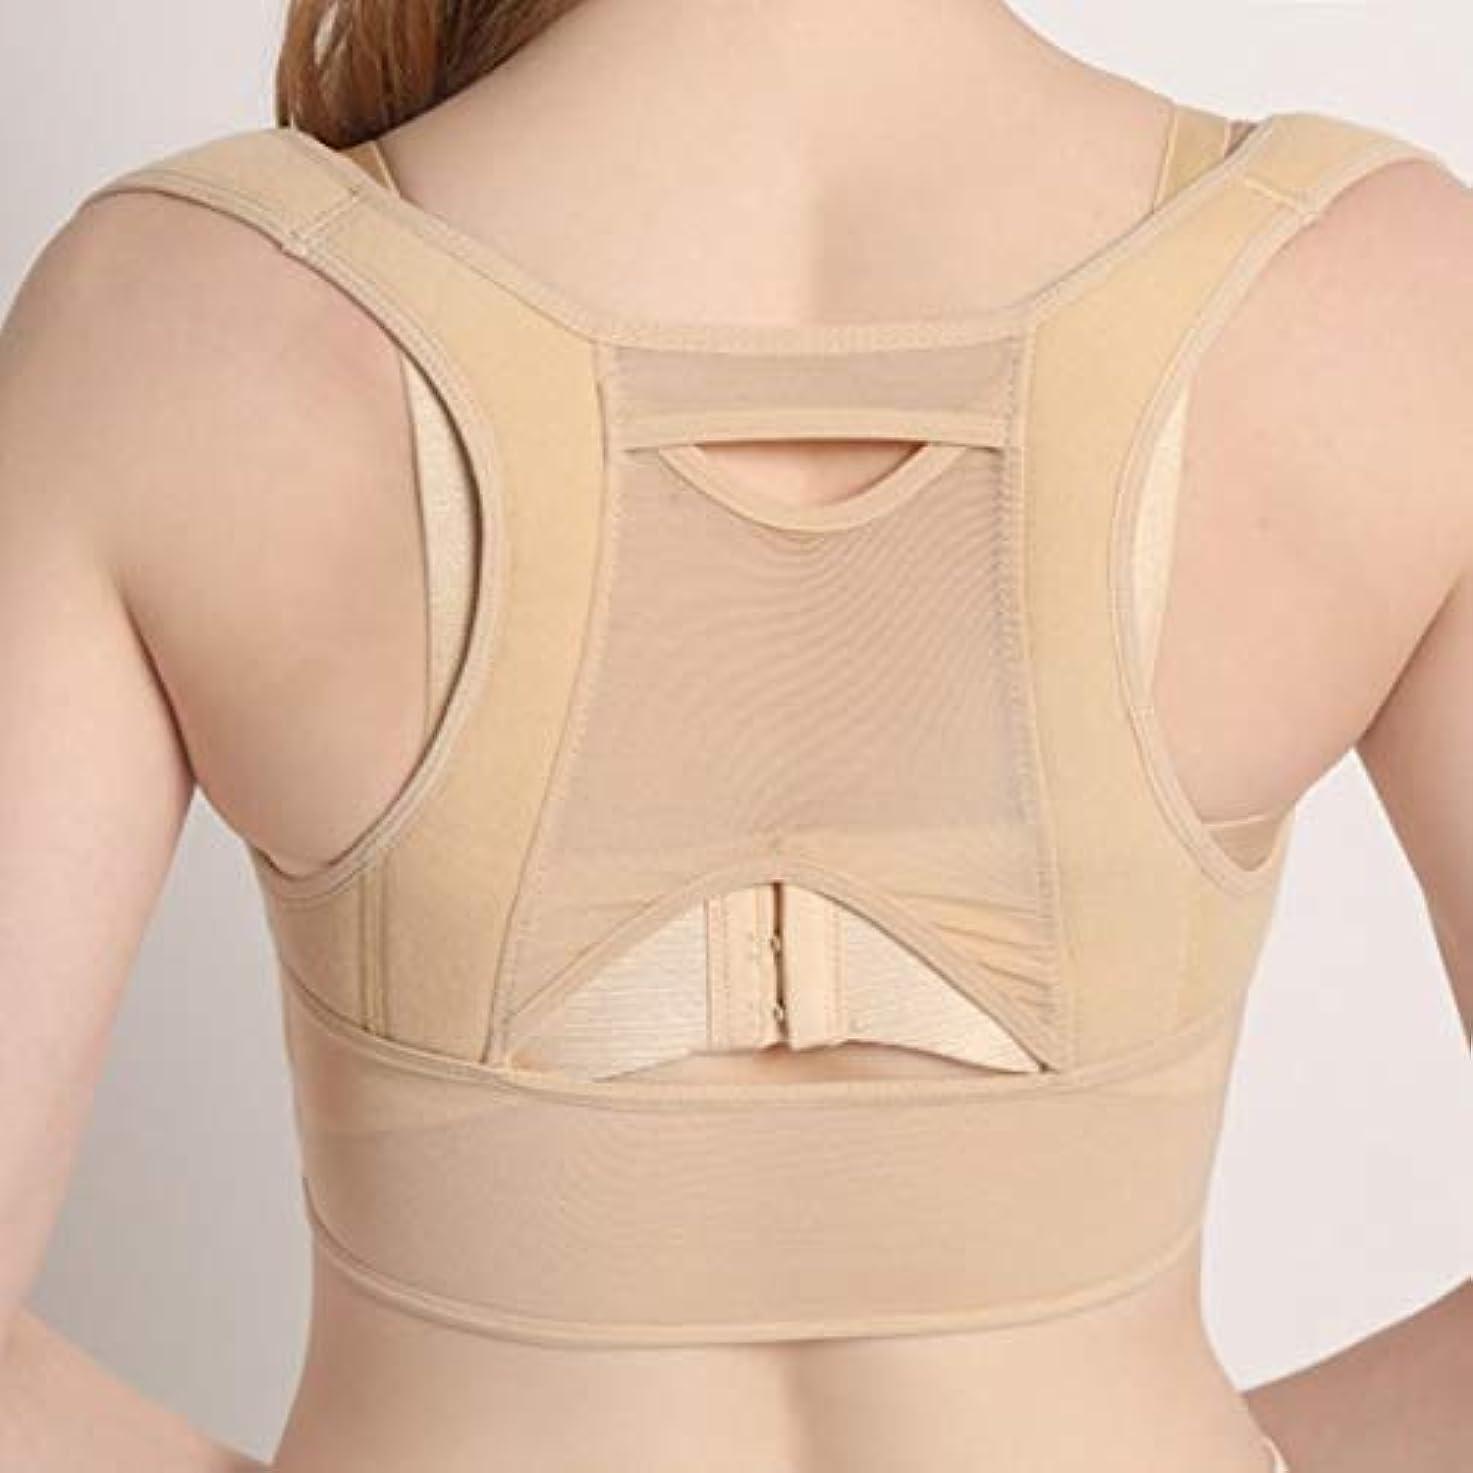 増強彫刻家ジャンピングジャック通気性のある女性の背中の姿勢矯正コルセット整形外科の背中の肩の背骨の姿勢矯正腰椎サポート - ベージュホワイトL